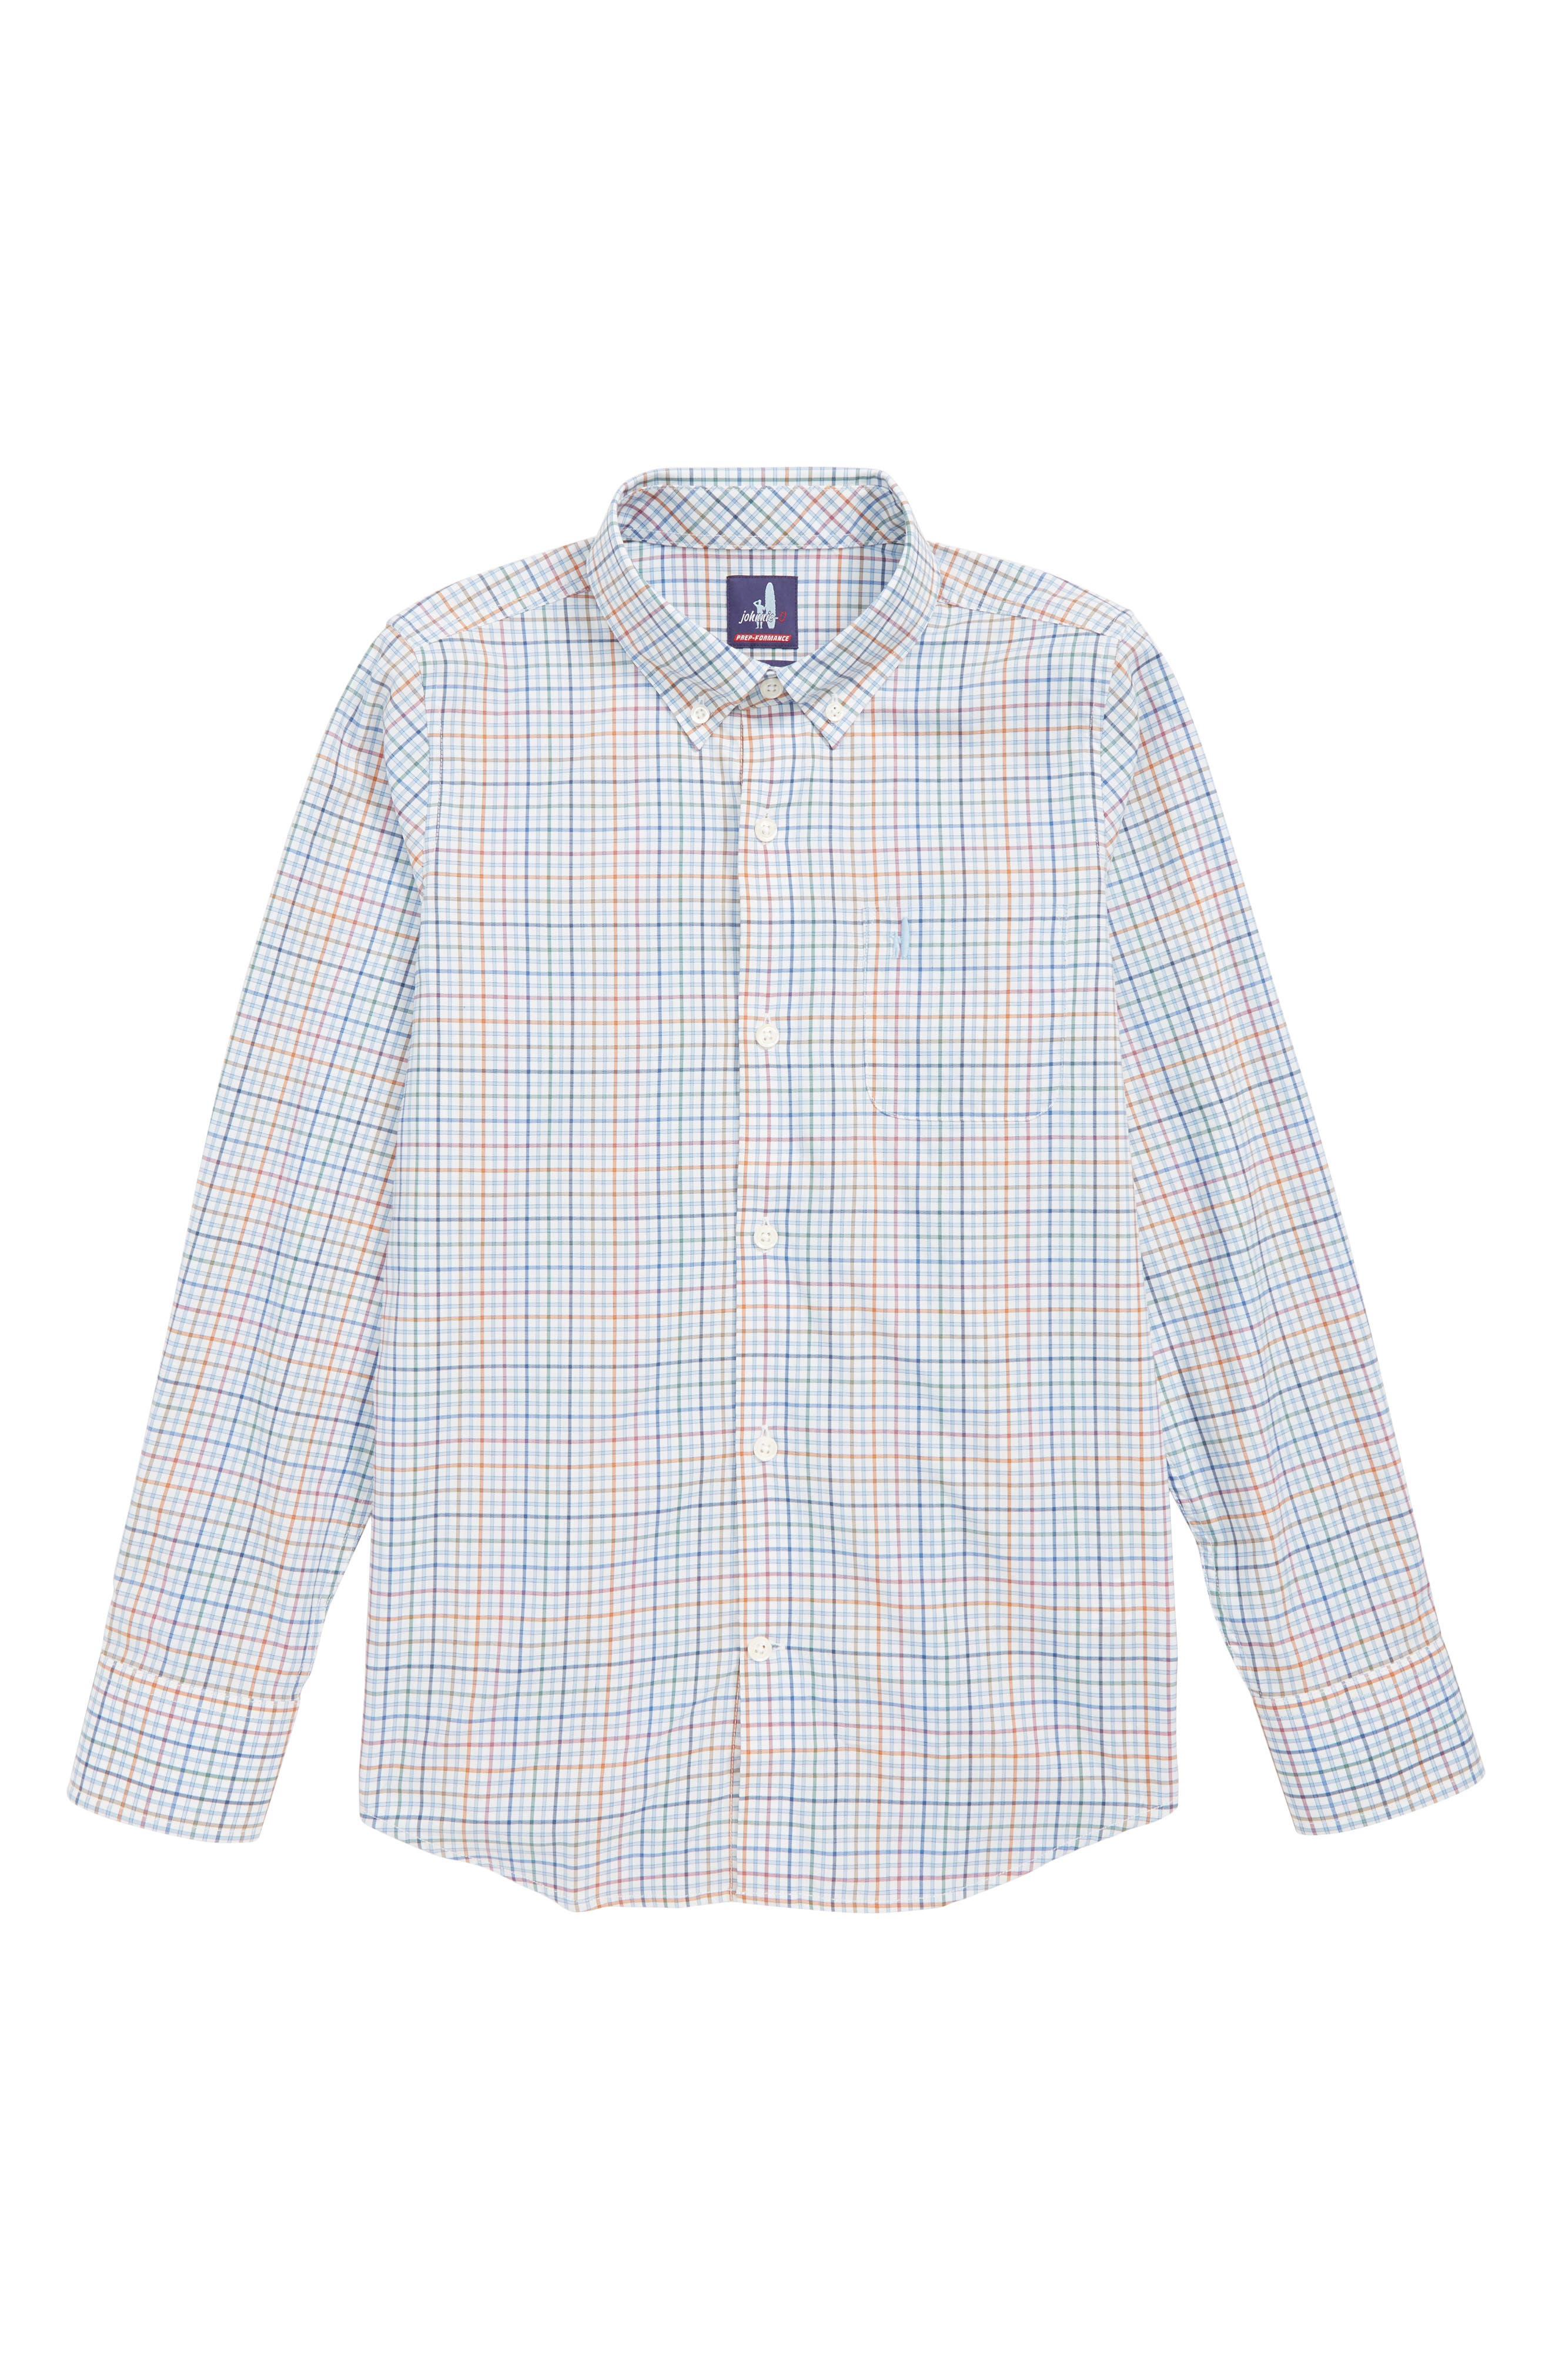 Chester Button Down Shirt,                             Main thumbnail 1, color,                             GULF BLUE